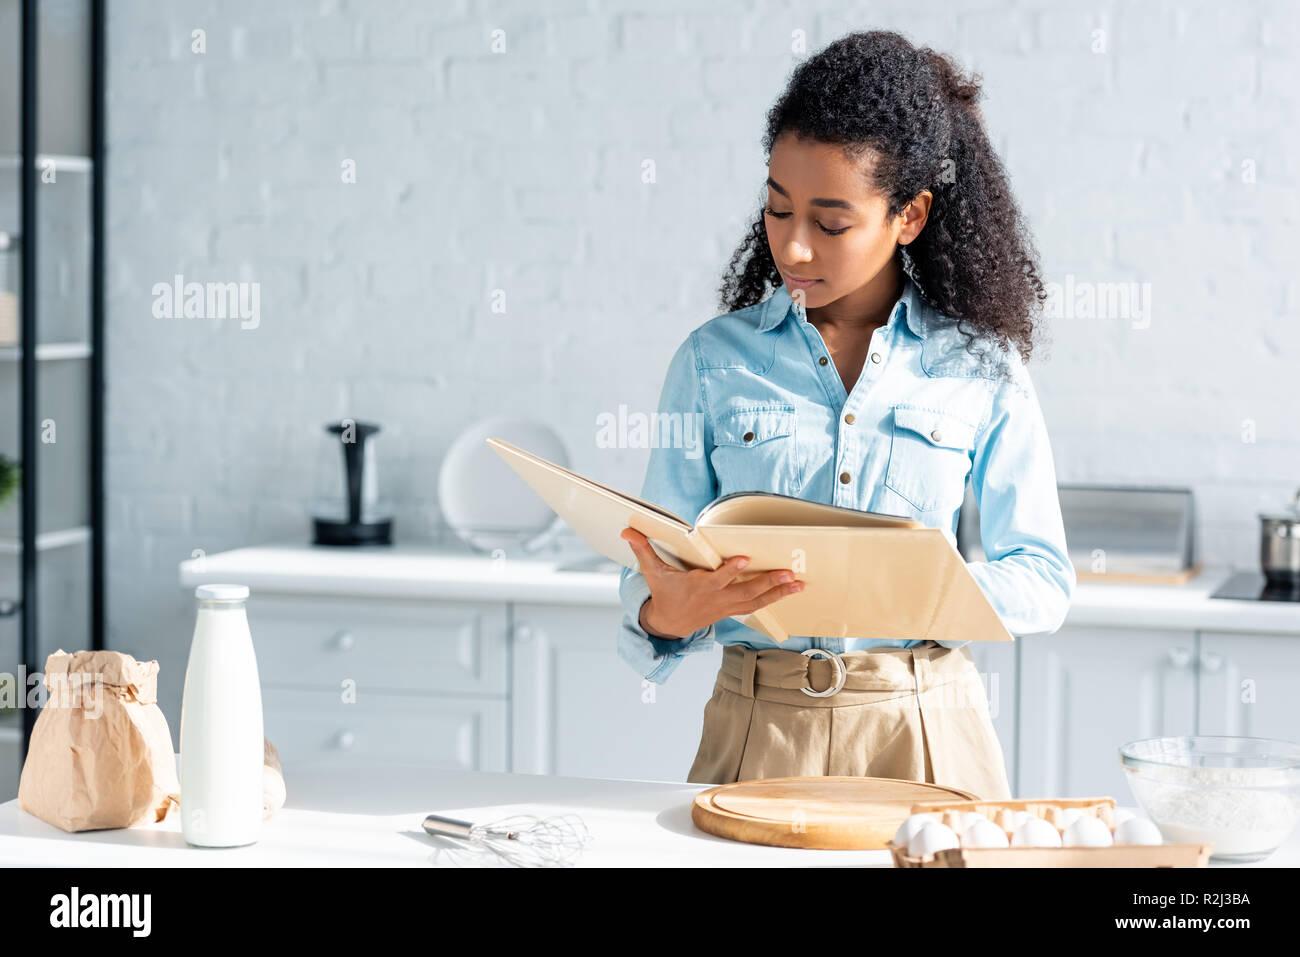 Atractiva afroamericana leyendo recetario de cocina Imagen De Stock